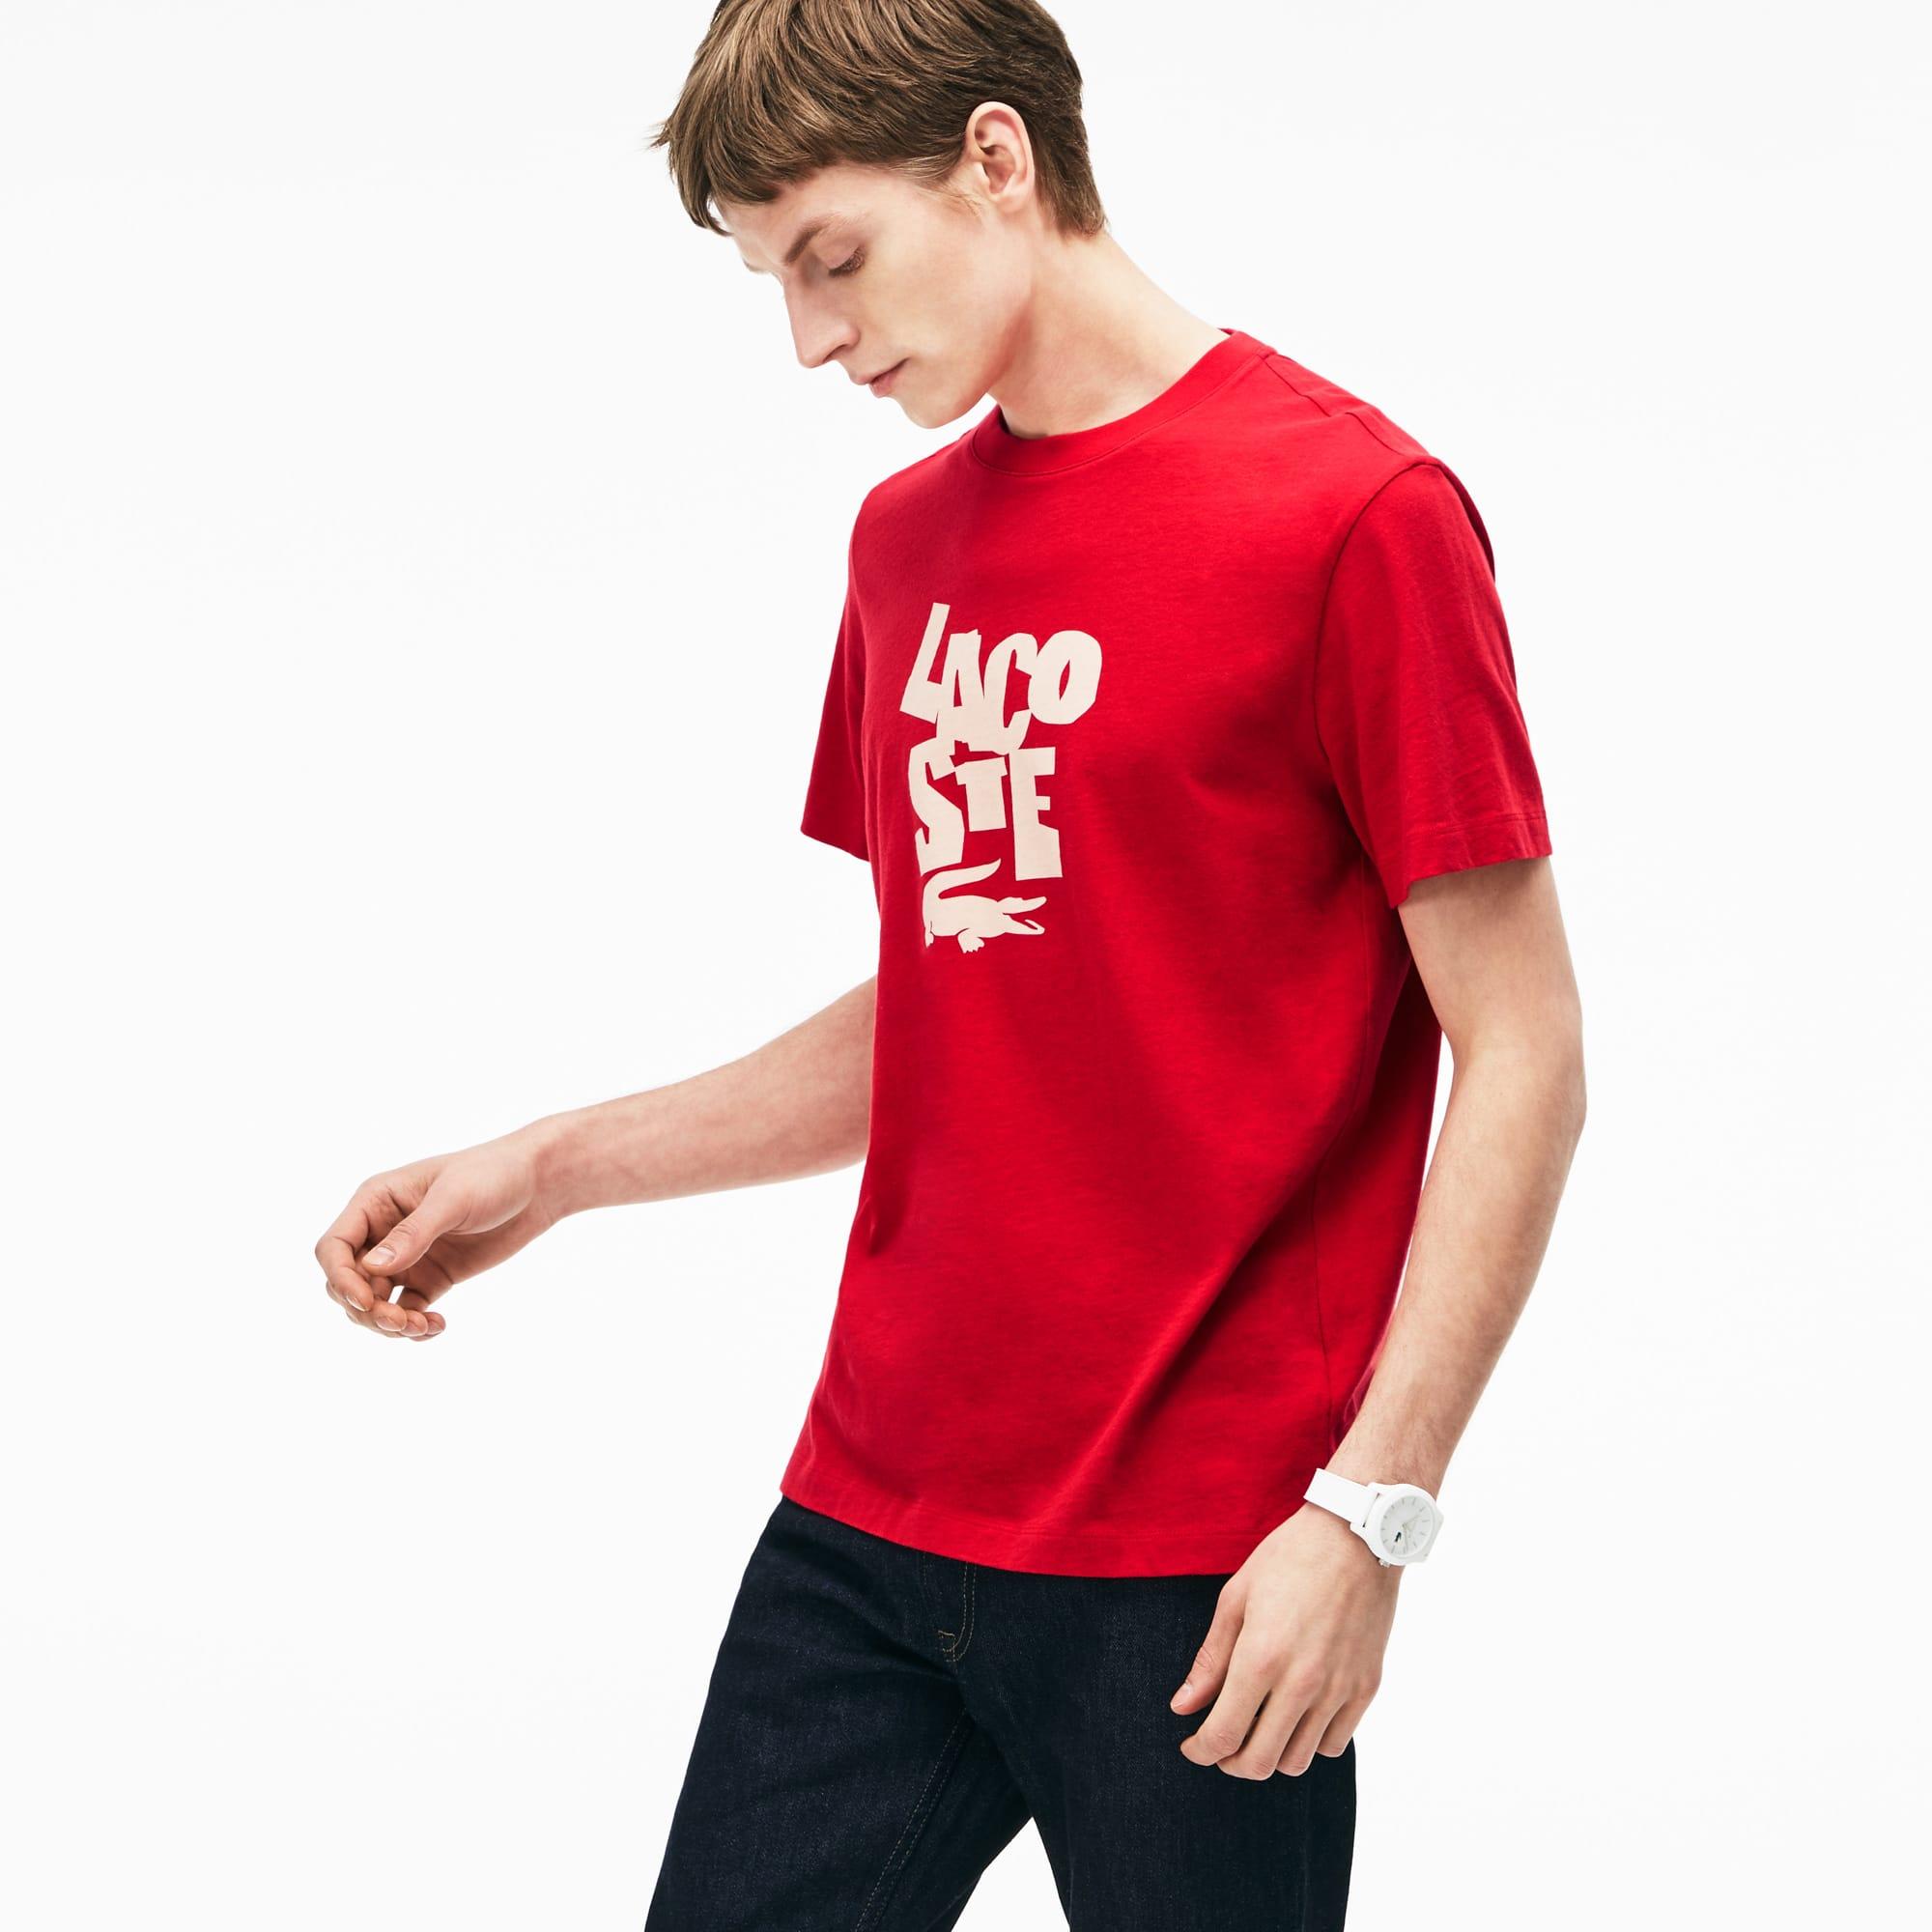 Herren Rundhals-T-Shirt aus Baumwolljersey mit LACOSTE Schriftzug